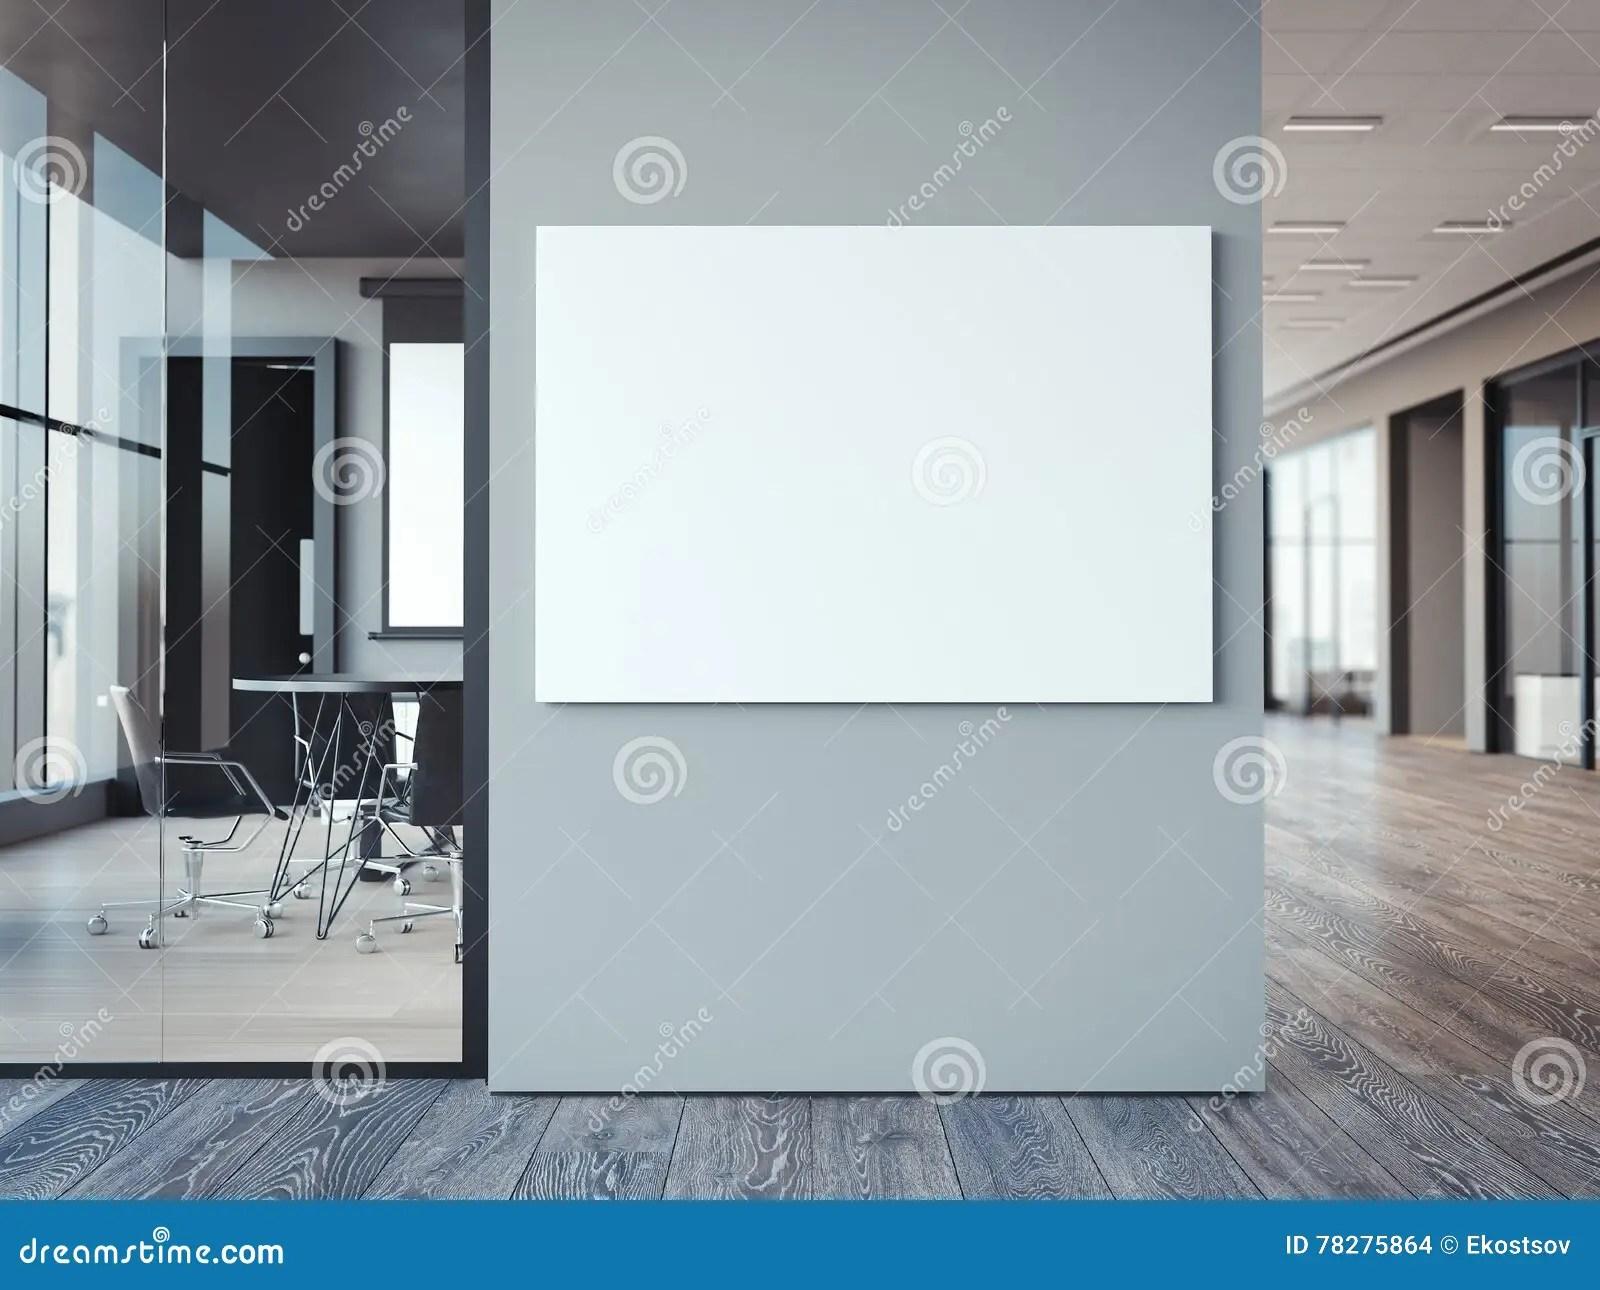 Badkamer grijze muur antraciet vloertegels in woonkamer en badkamer